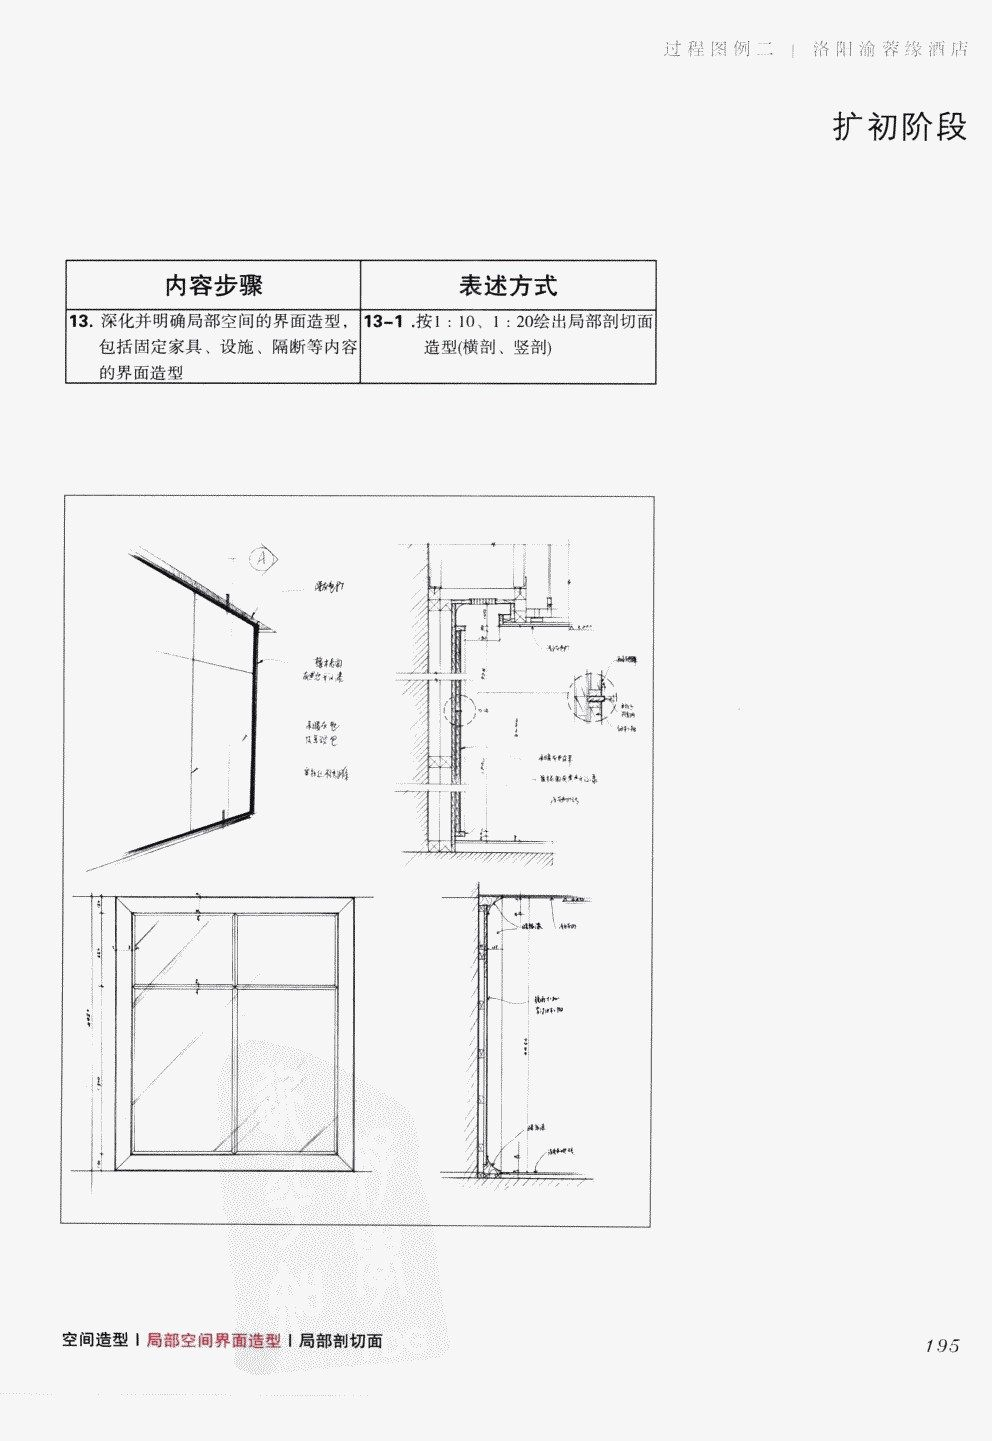 室内设计纲要++概念思考与过程表达_室内设计纲要  概念思考与过程表达_1297982..._页面_203.jpg